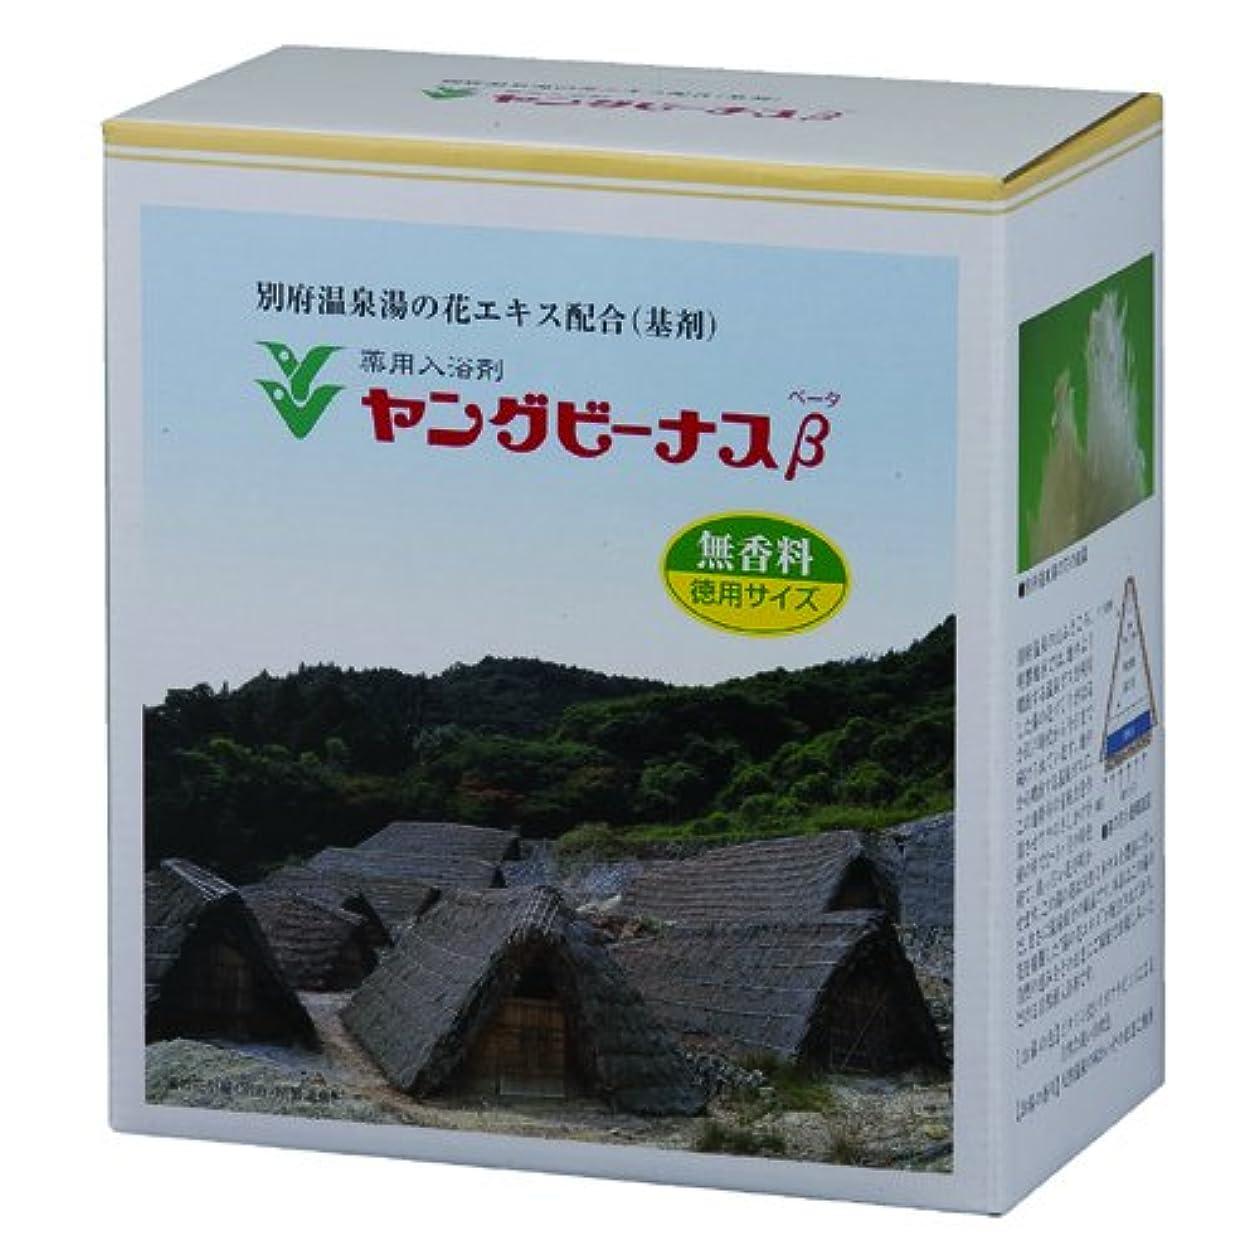 オーバーコート緩める不公平薬用入浴剤 ヤングビーナスβ 徳用サイズCX-30β